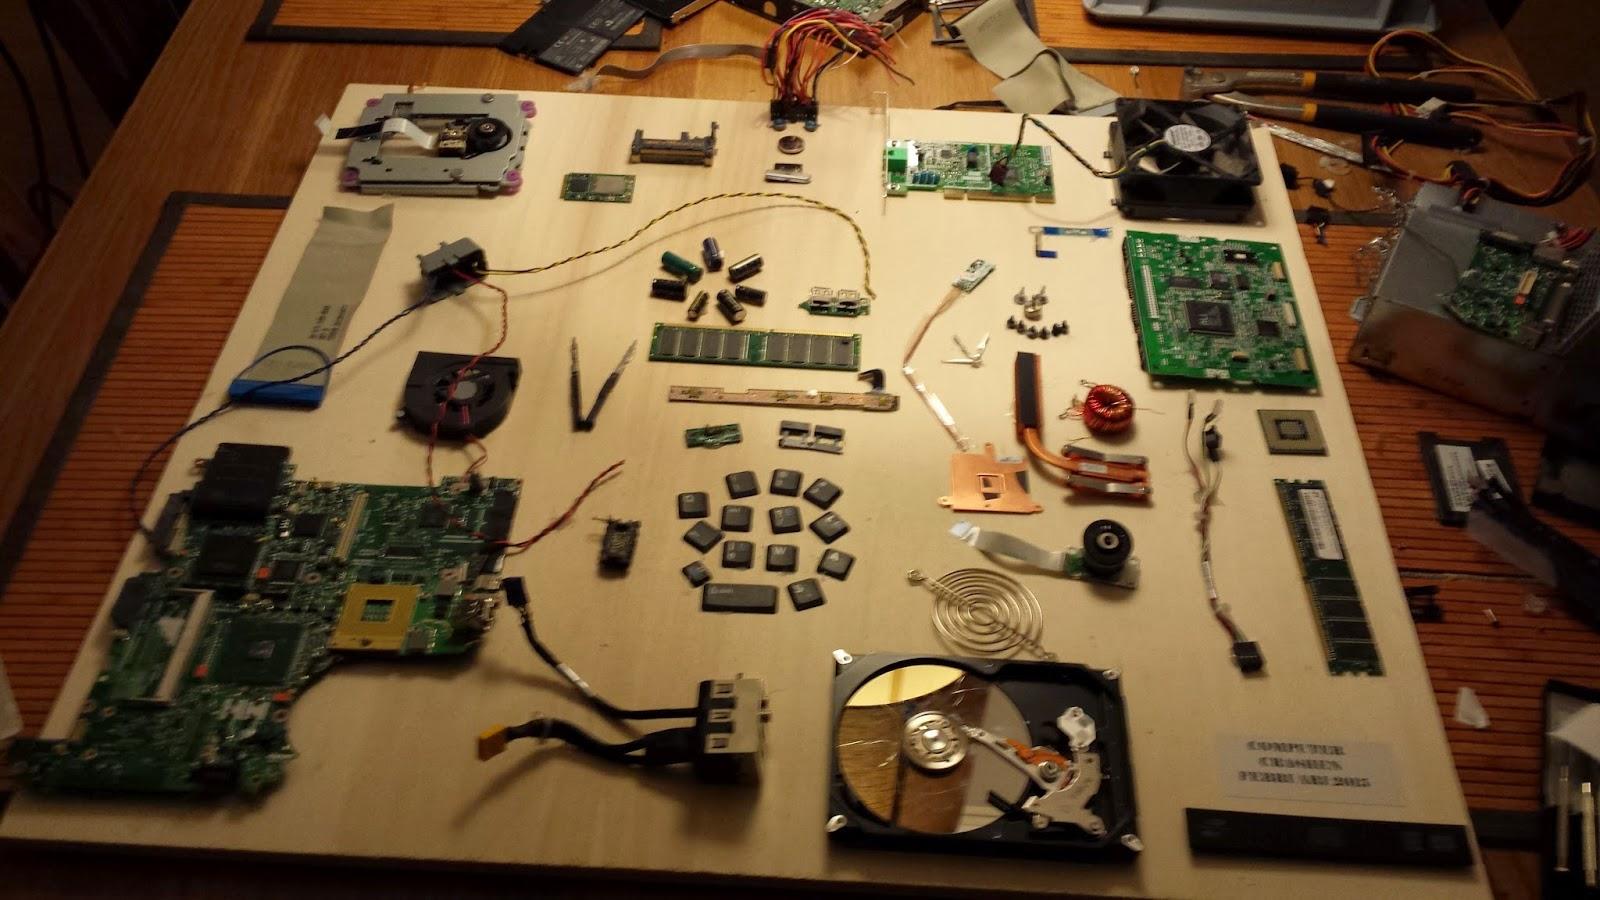 eerst computers toen boeken